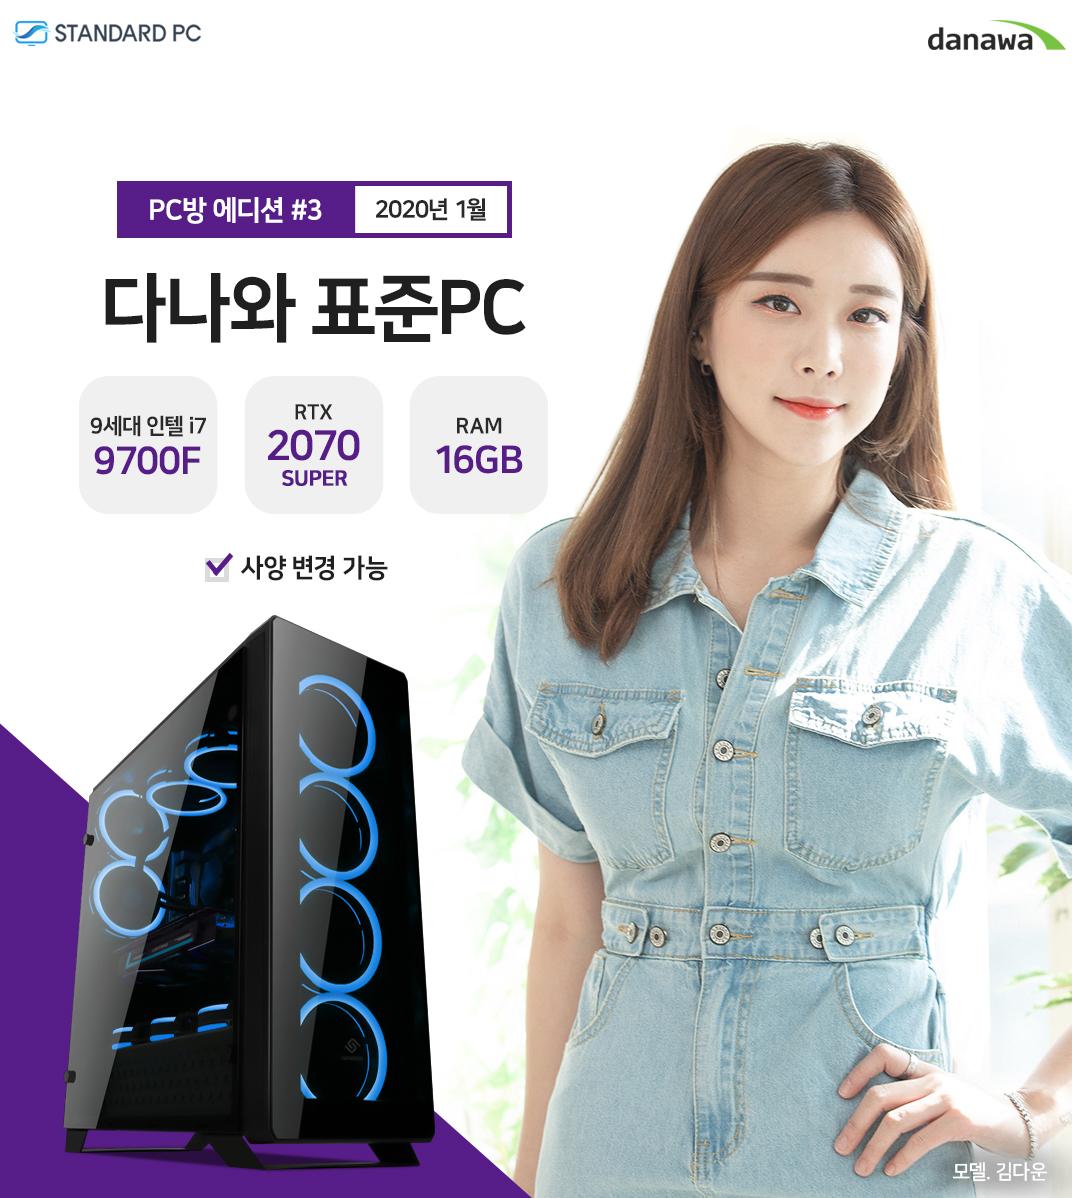 2020년 01월 다나와 표준PC PC방 에디션3 인텔 코어i7-9세대 9700F RTX 2070 SUPER VGA RAM 16G 모델 김다운